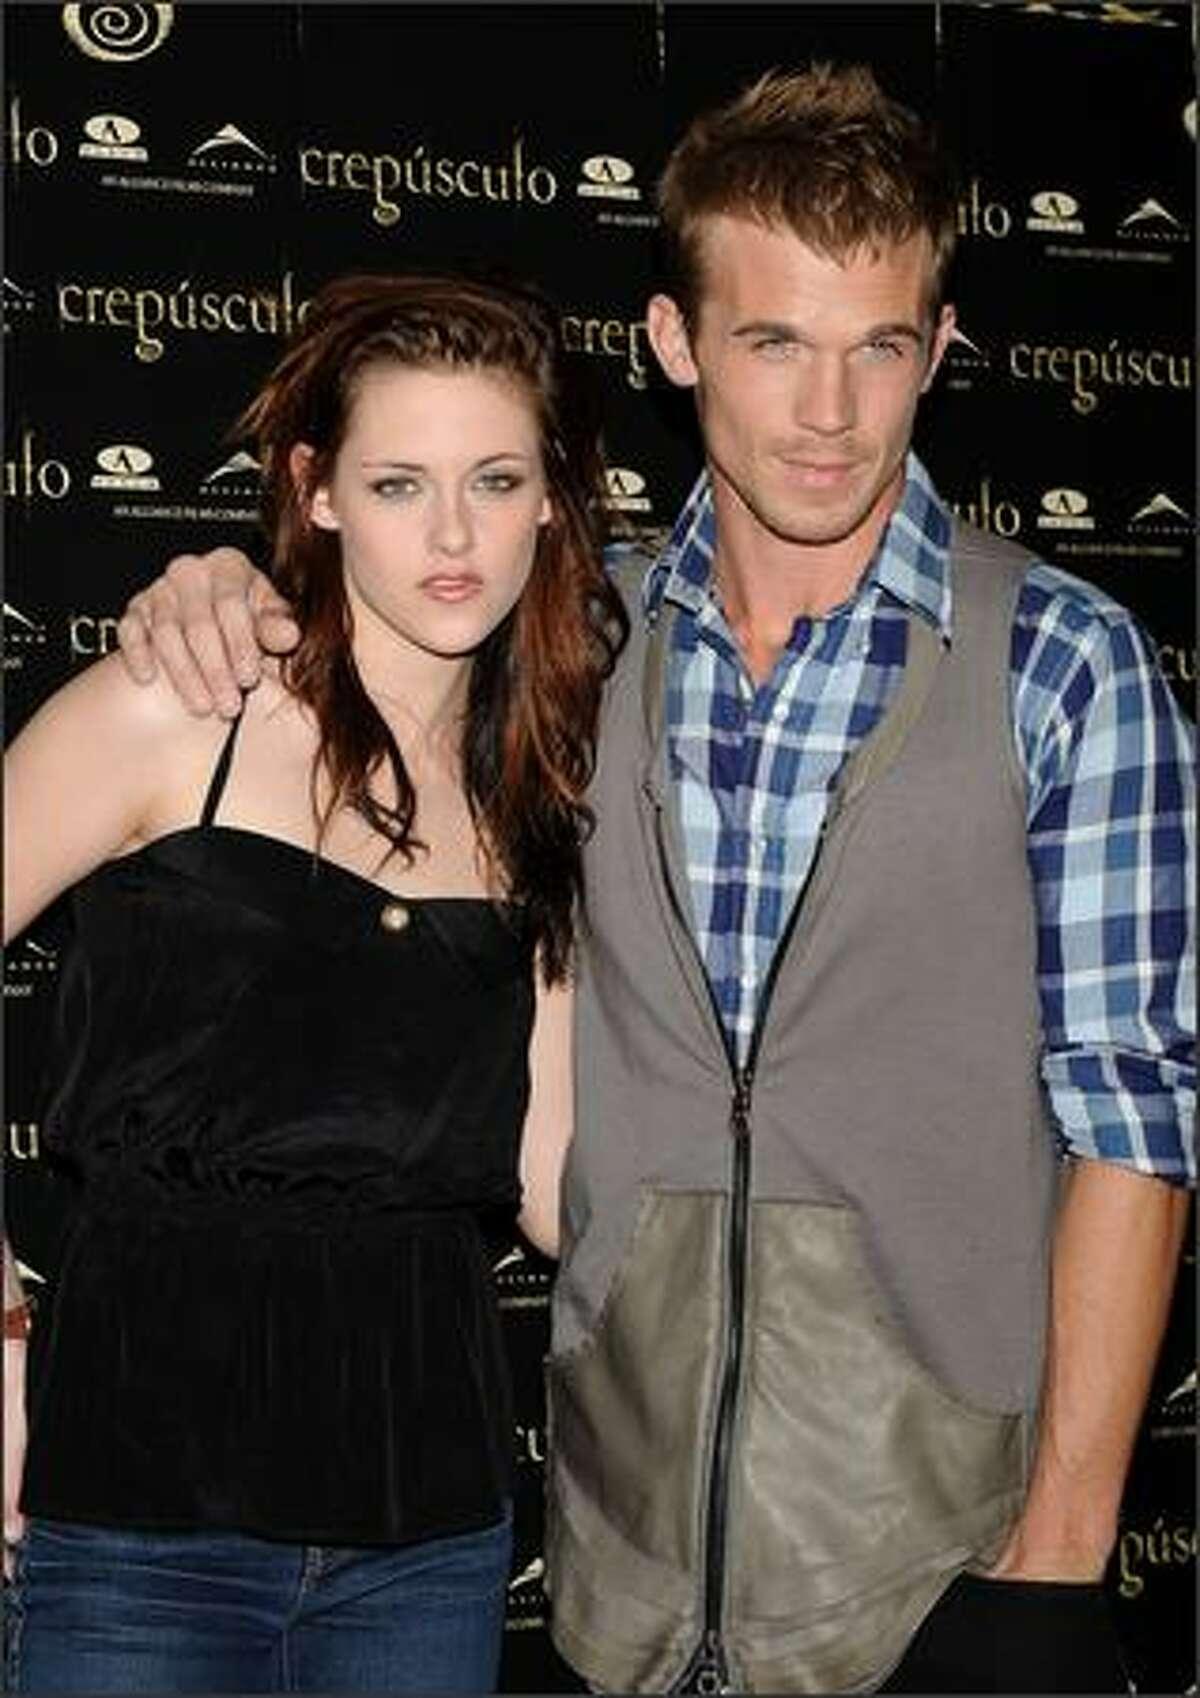 Actress Kristen Stewart and actor Cam Gigandet attend